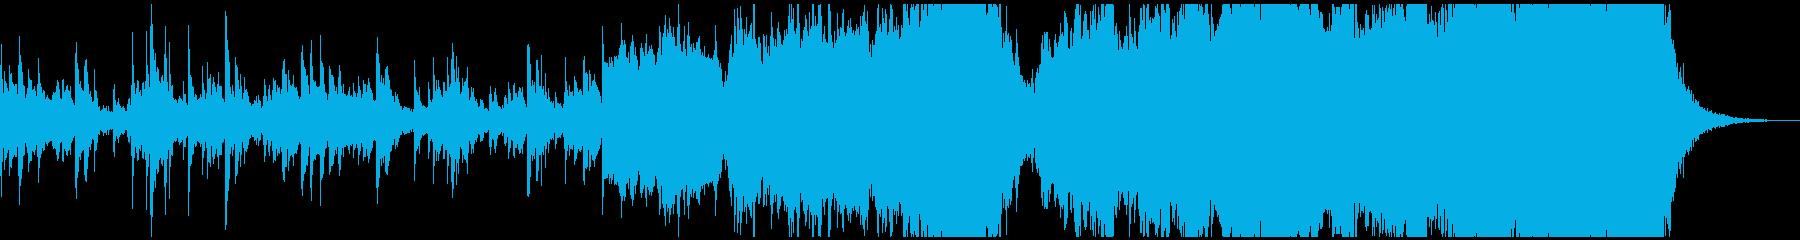 不気味で重苦しいエレクトロ&オーケストラの再生済みの波形